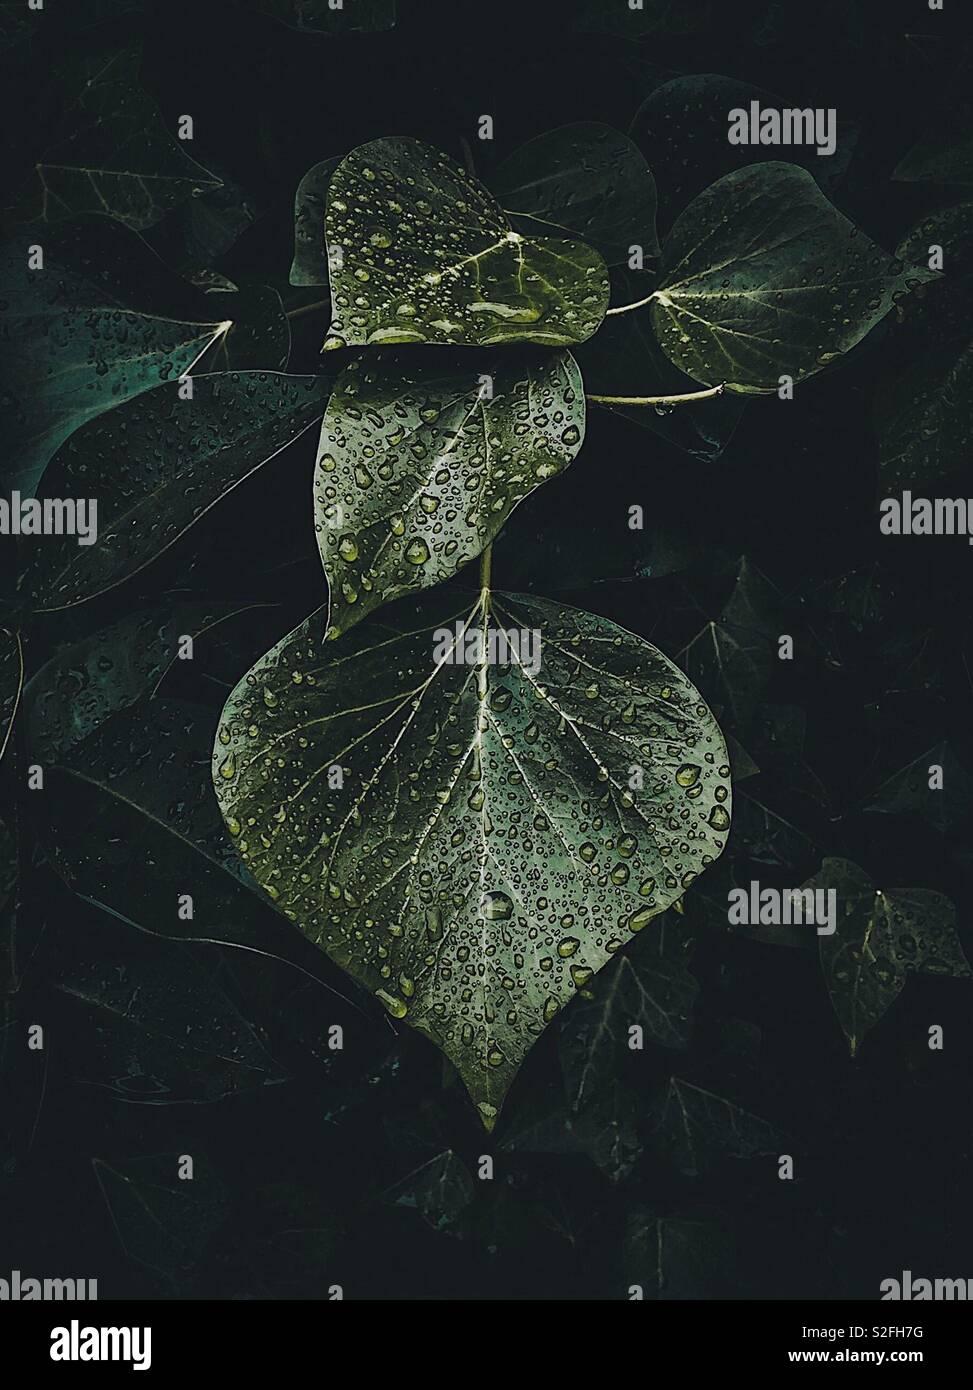 Las gotas de lluvia sobre el verde de las hojas de la planta Foto de stock